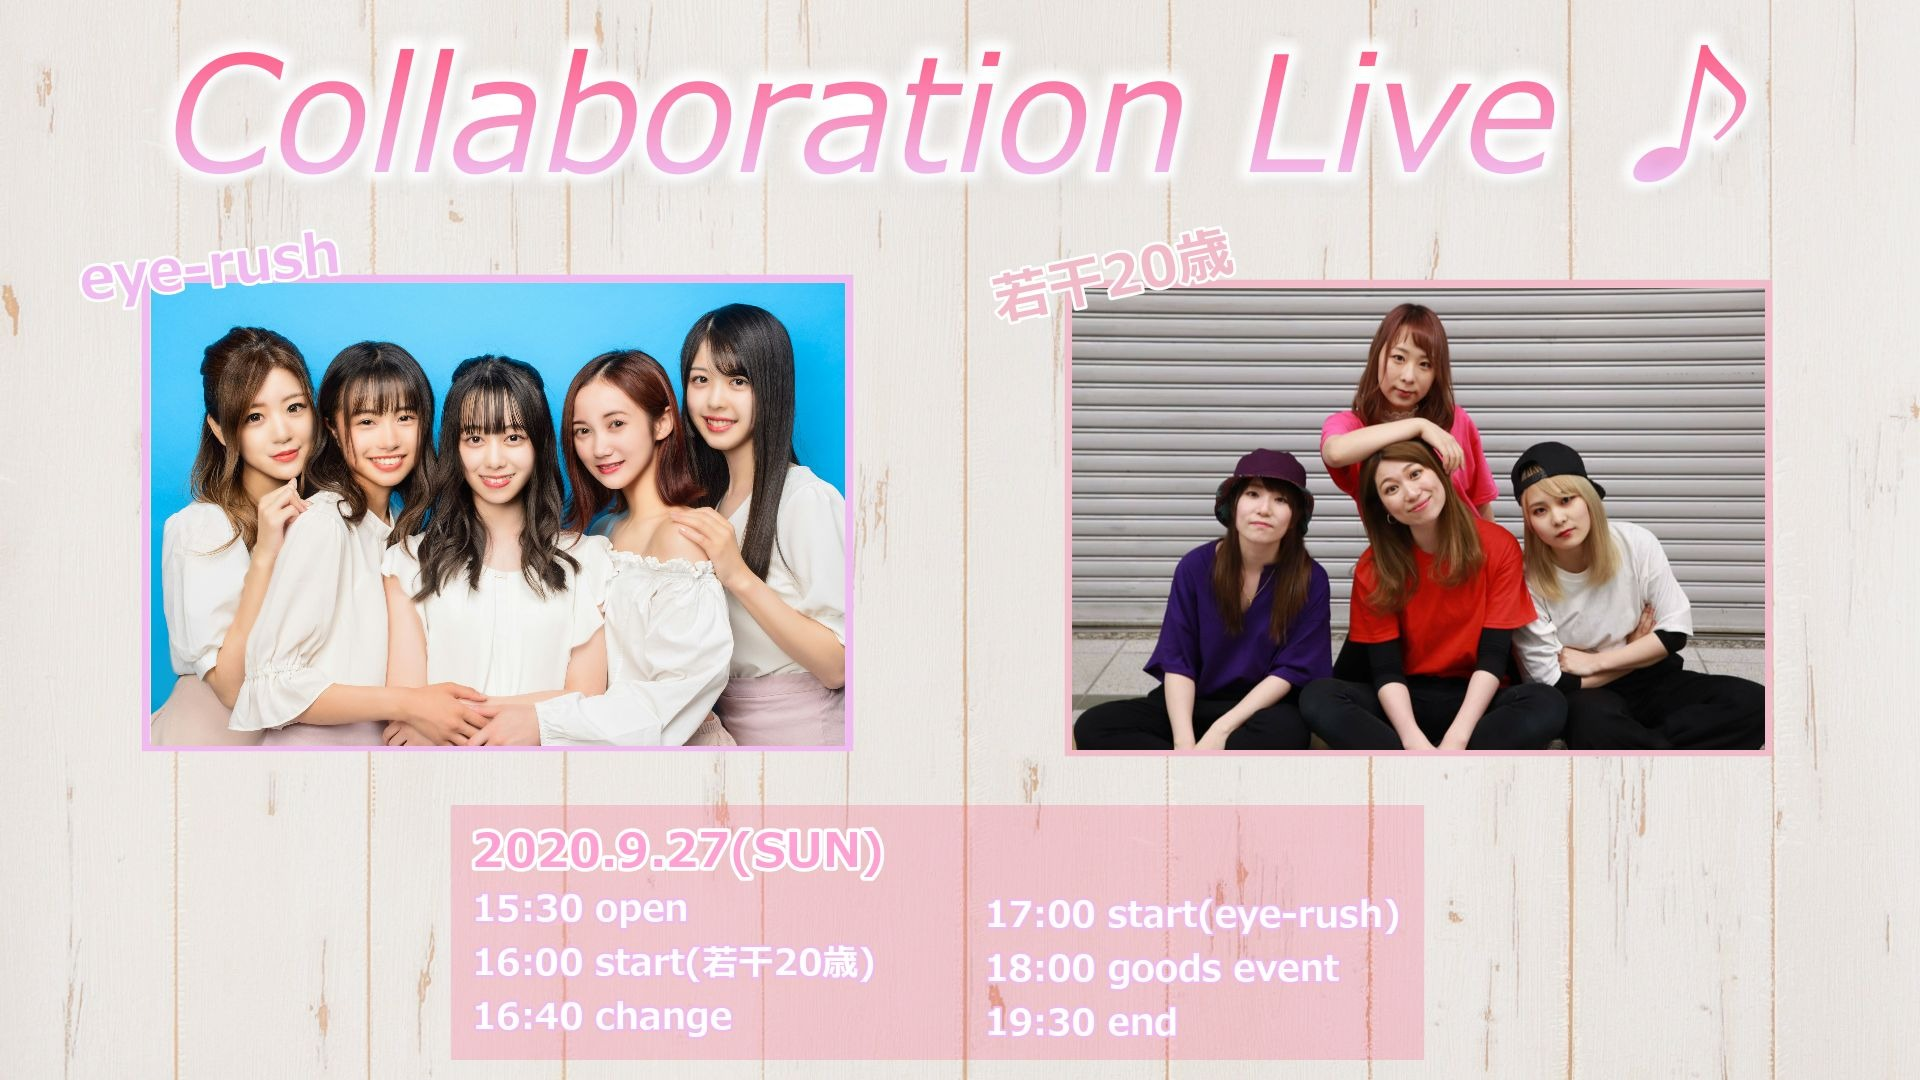 9/27(日)  Collaboration Live ♪ (eye-rush / 若干20歳)